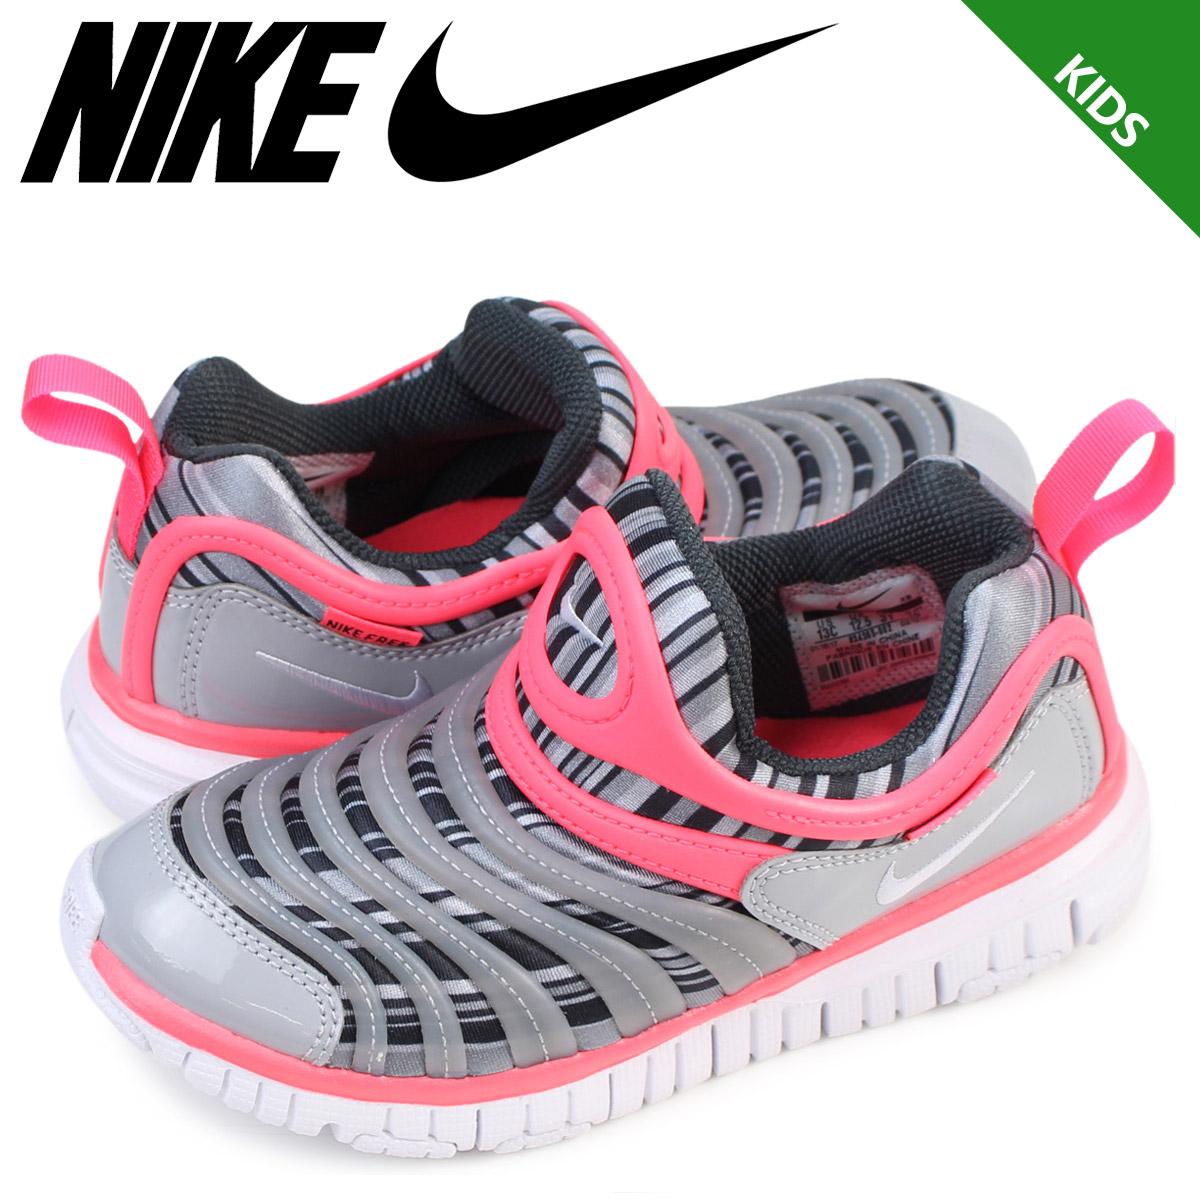 8c429df8e741 NIKE Nike dynamo-free kids Jr. child shoes sneakers DYNAMO FREE PS  834